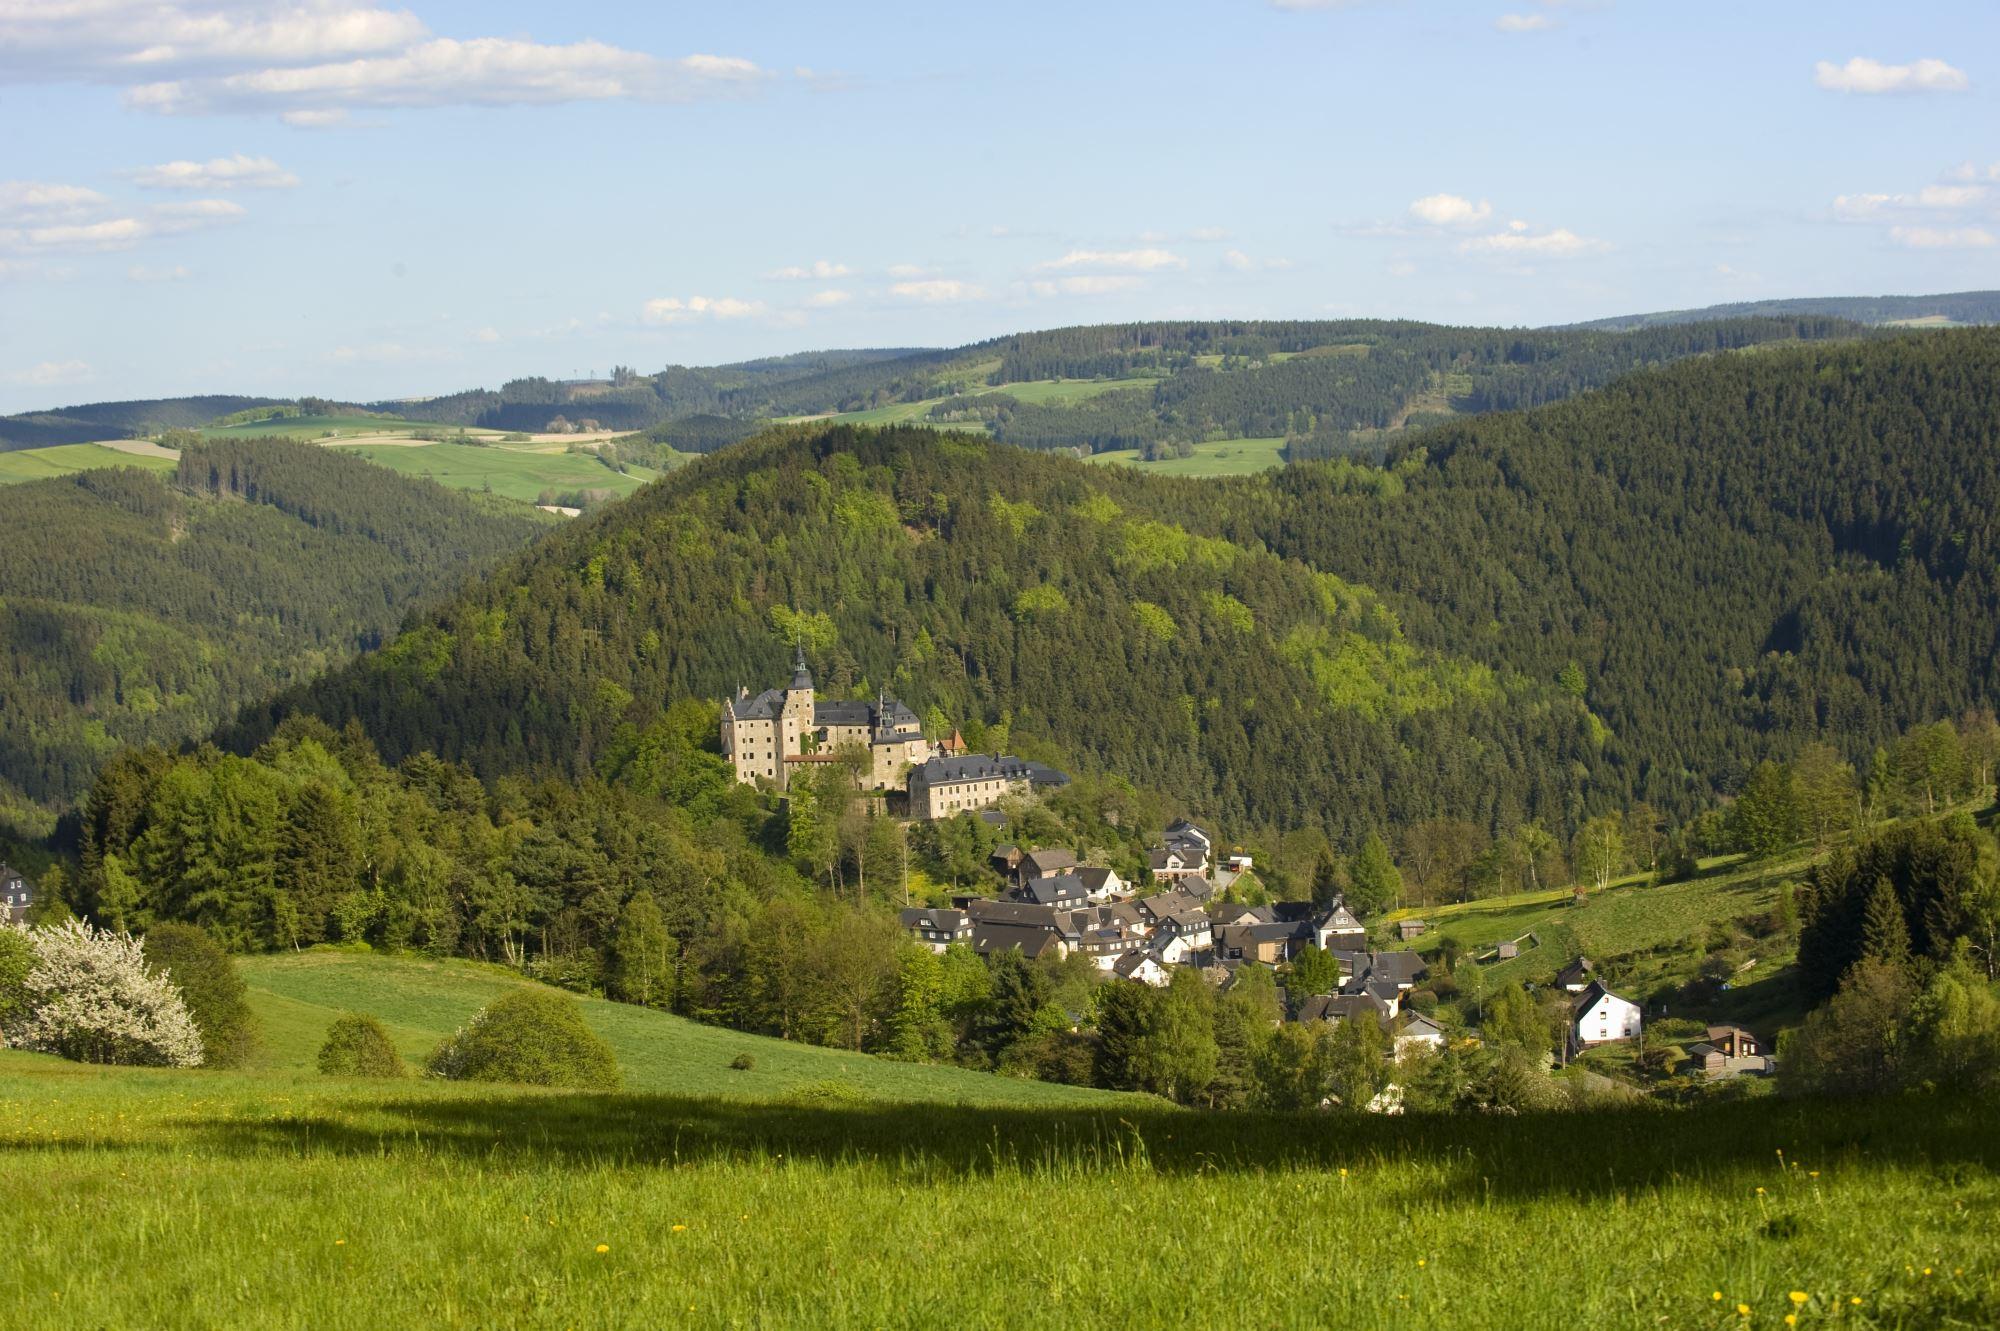 Blick auf Burg Lauenstei